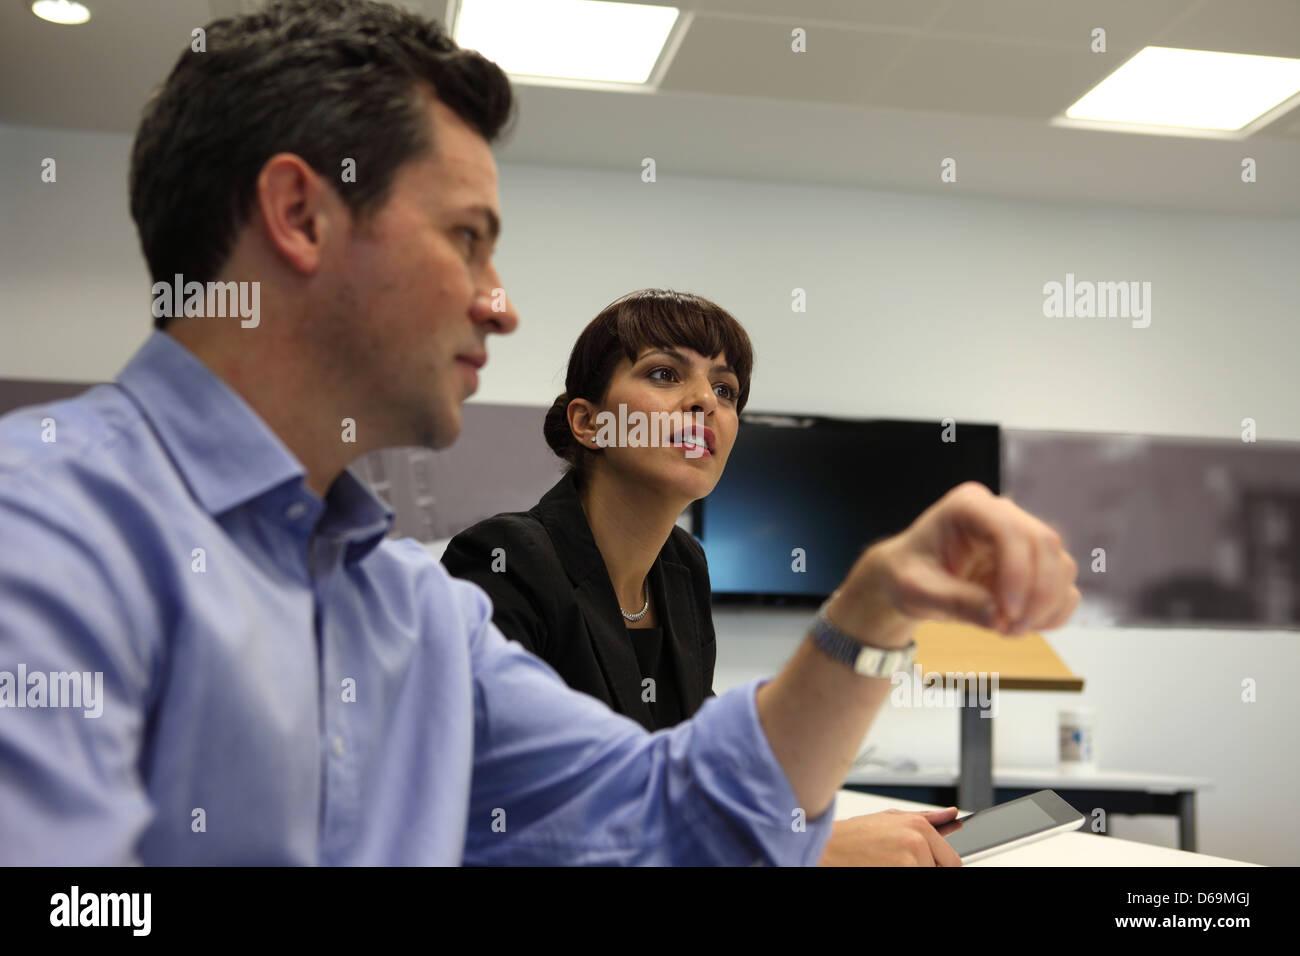 La gente habla en reunión de negocios Foto de stock